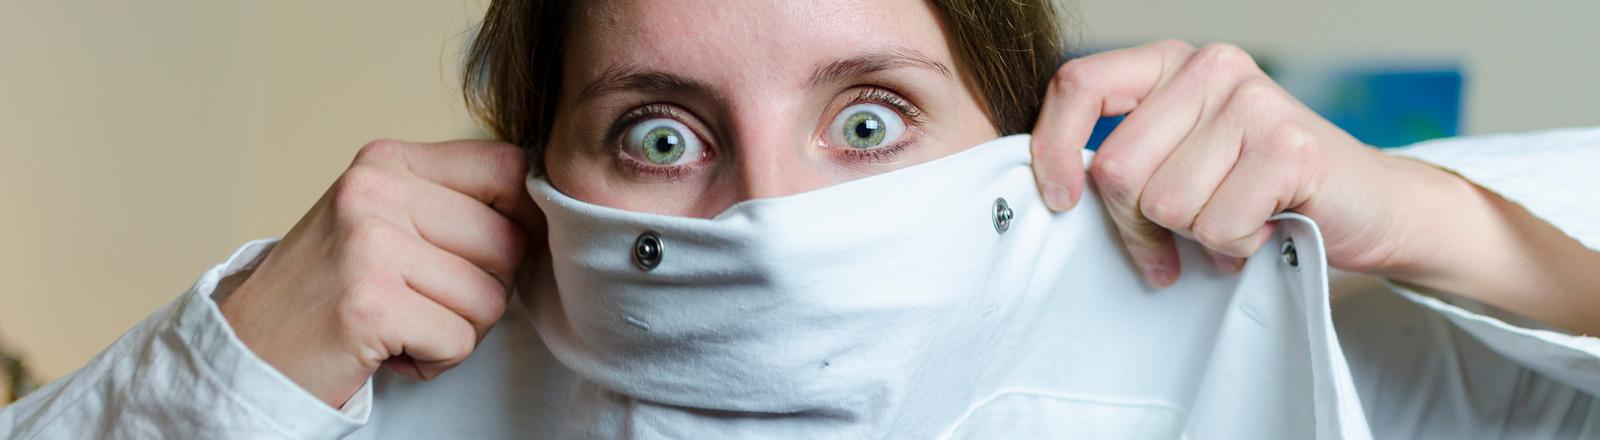 Eine Frau hält sich erschrocken ein weißes Hemd vors Gesicht und reißt die Augen auf.